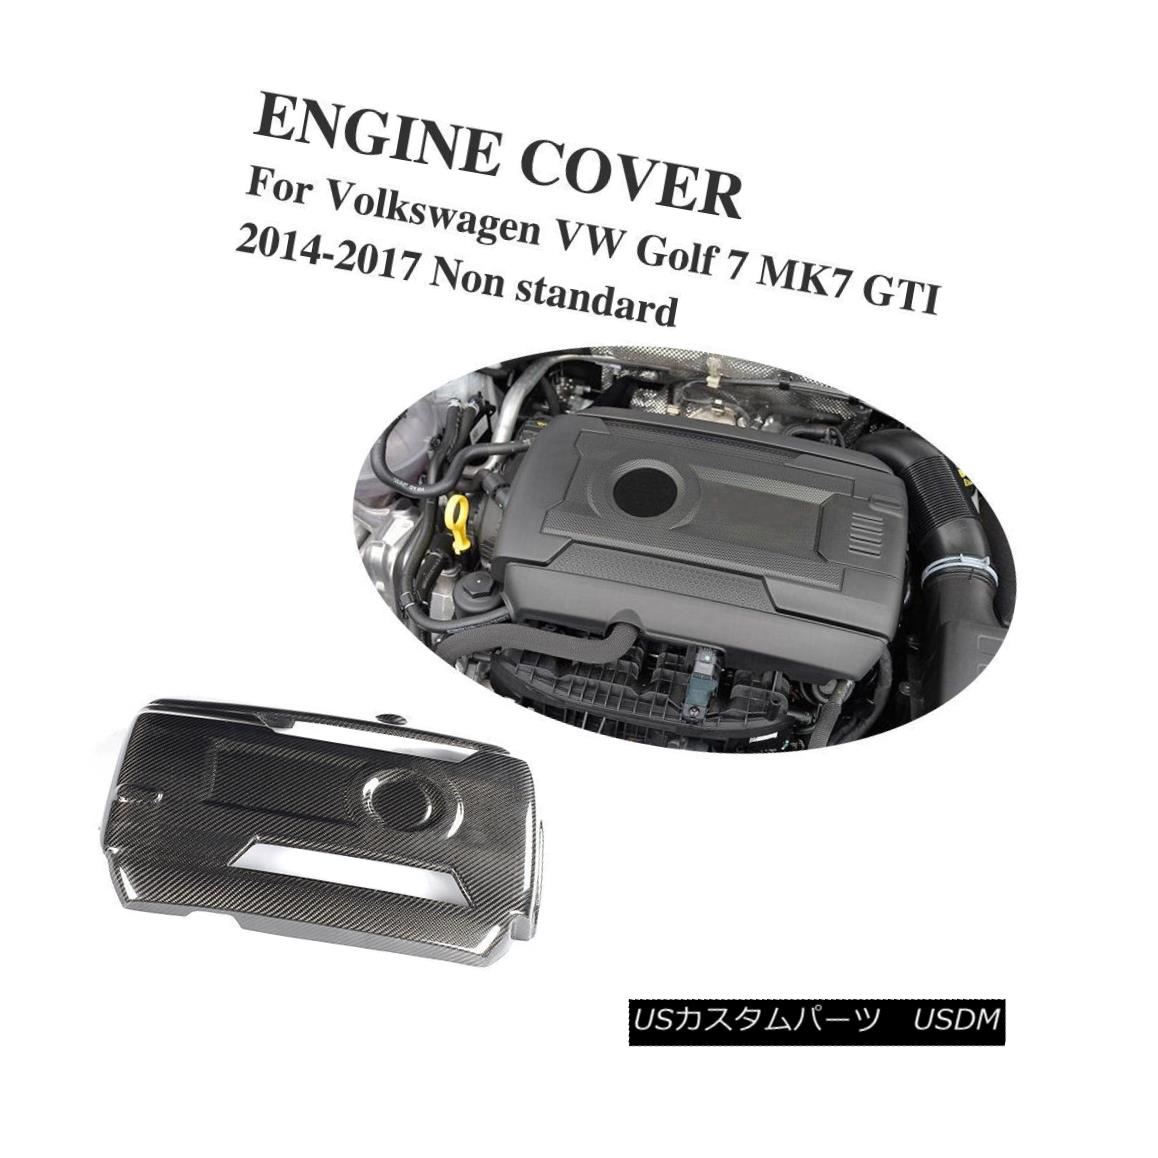 エアロパーツ Carbon Fiber Engine Valve Cover Trims Fit For Volkswagen GOLF MK7 GTI 2014-2017 フォルクスワーゲンGOLF MK7 GTI 2014-2017用の炭素繊維エンジンバルブカバートリム